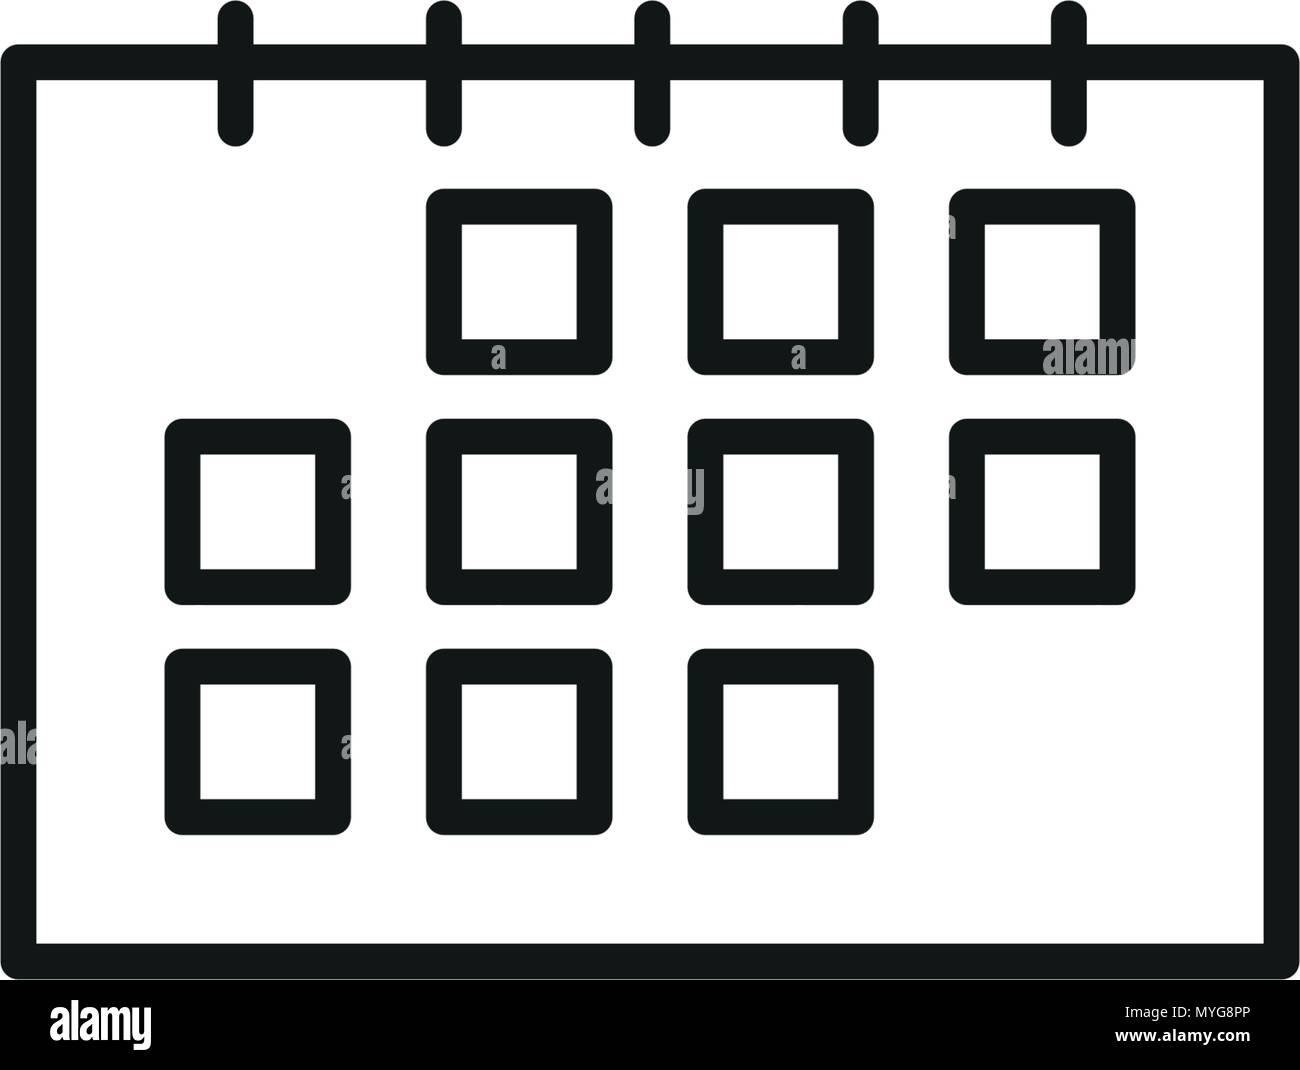 Calendario Icona.Semplice Icona Calendario In Colore Nero Illustrazione